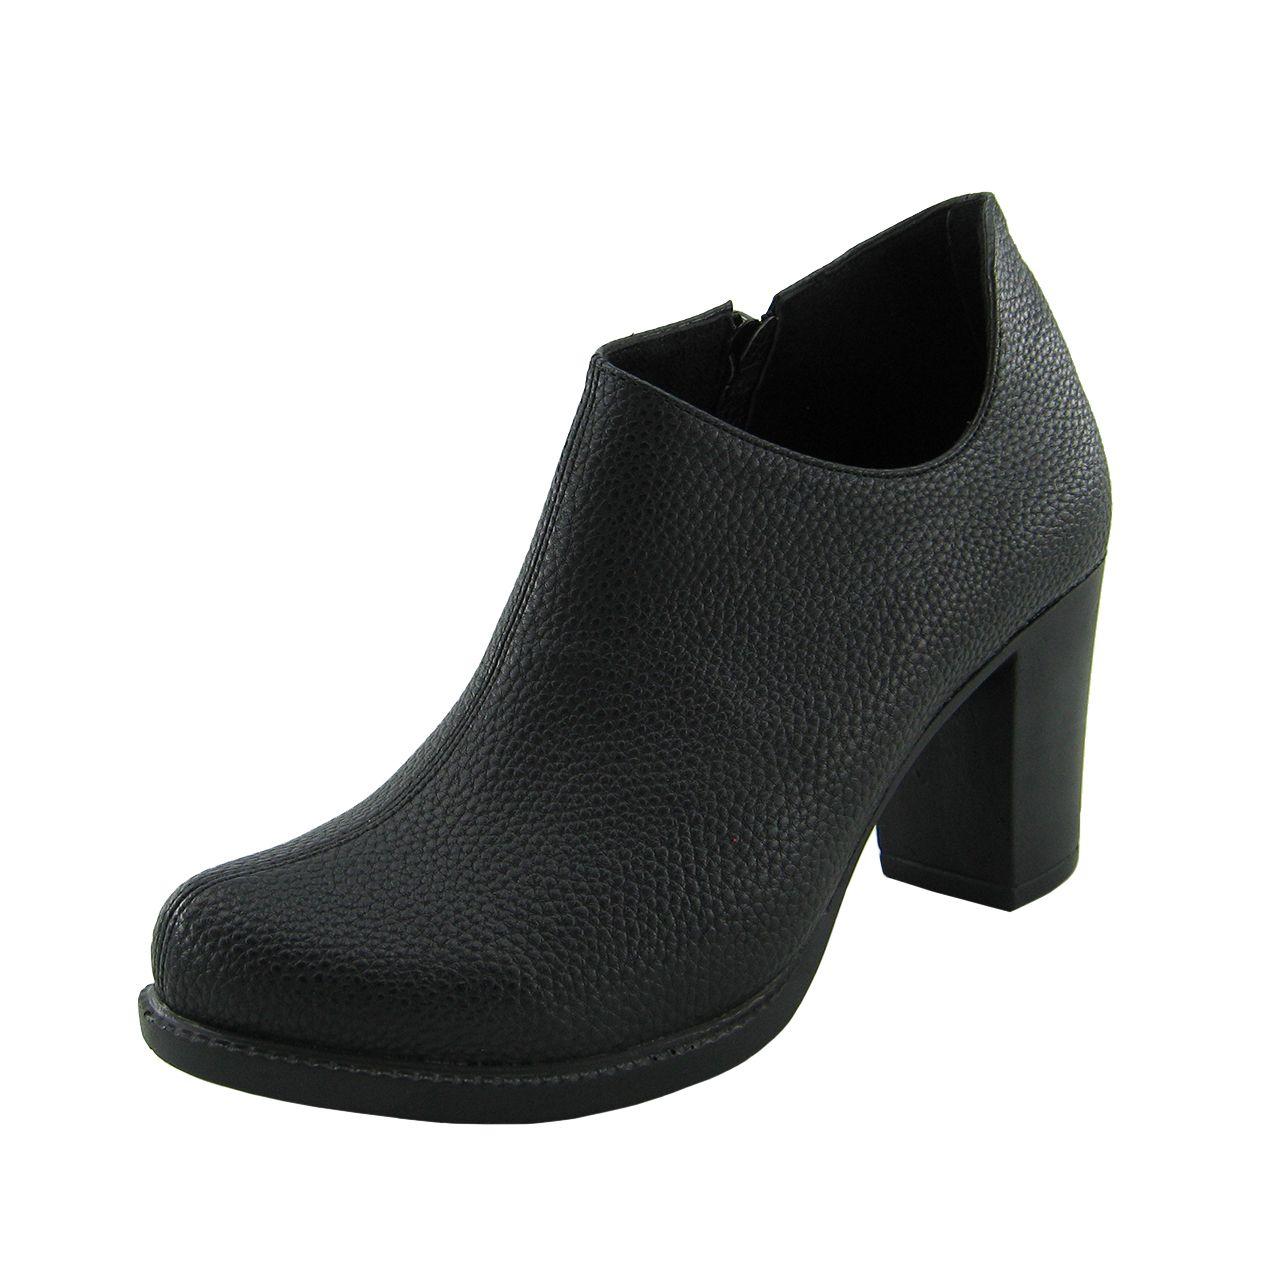 کفش زنانه مدل هلیا کد 01 -  - 5